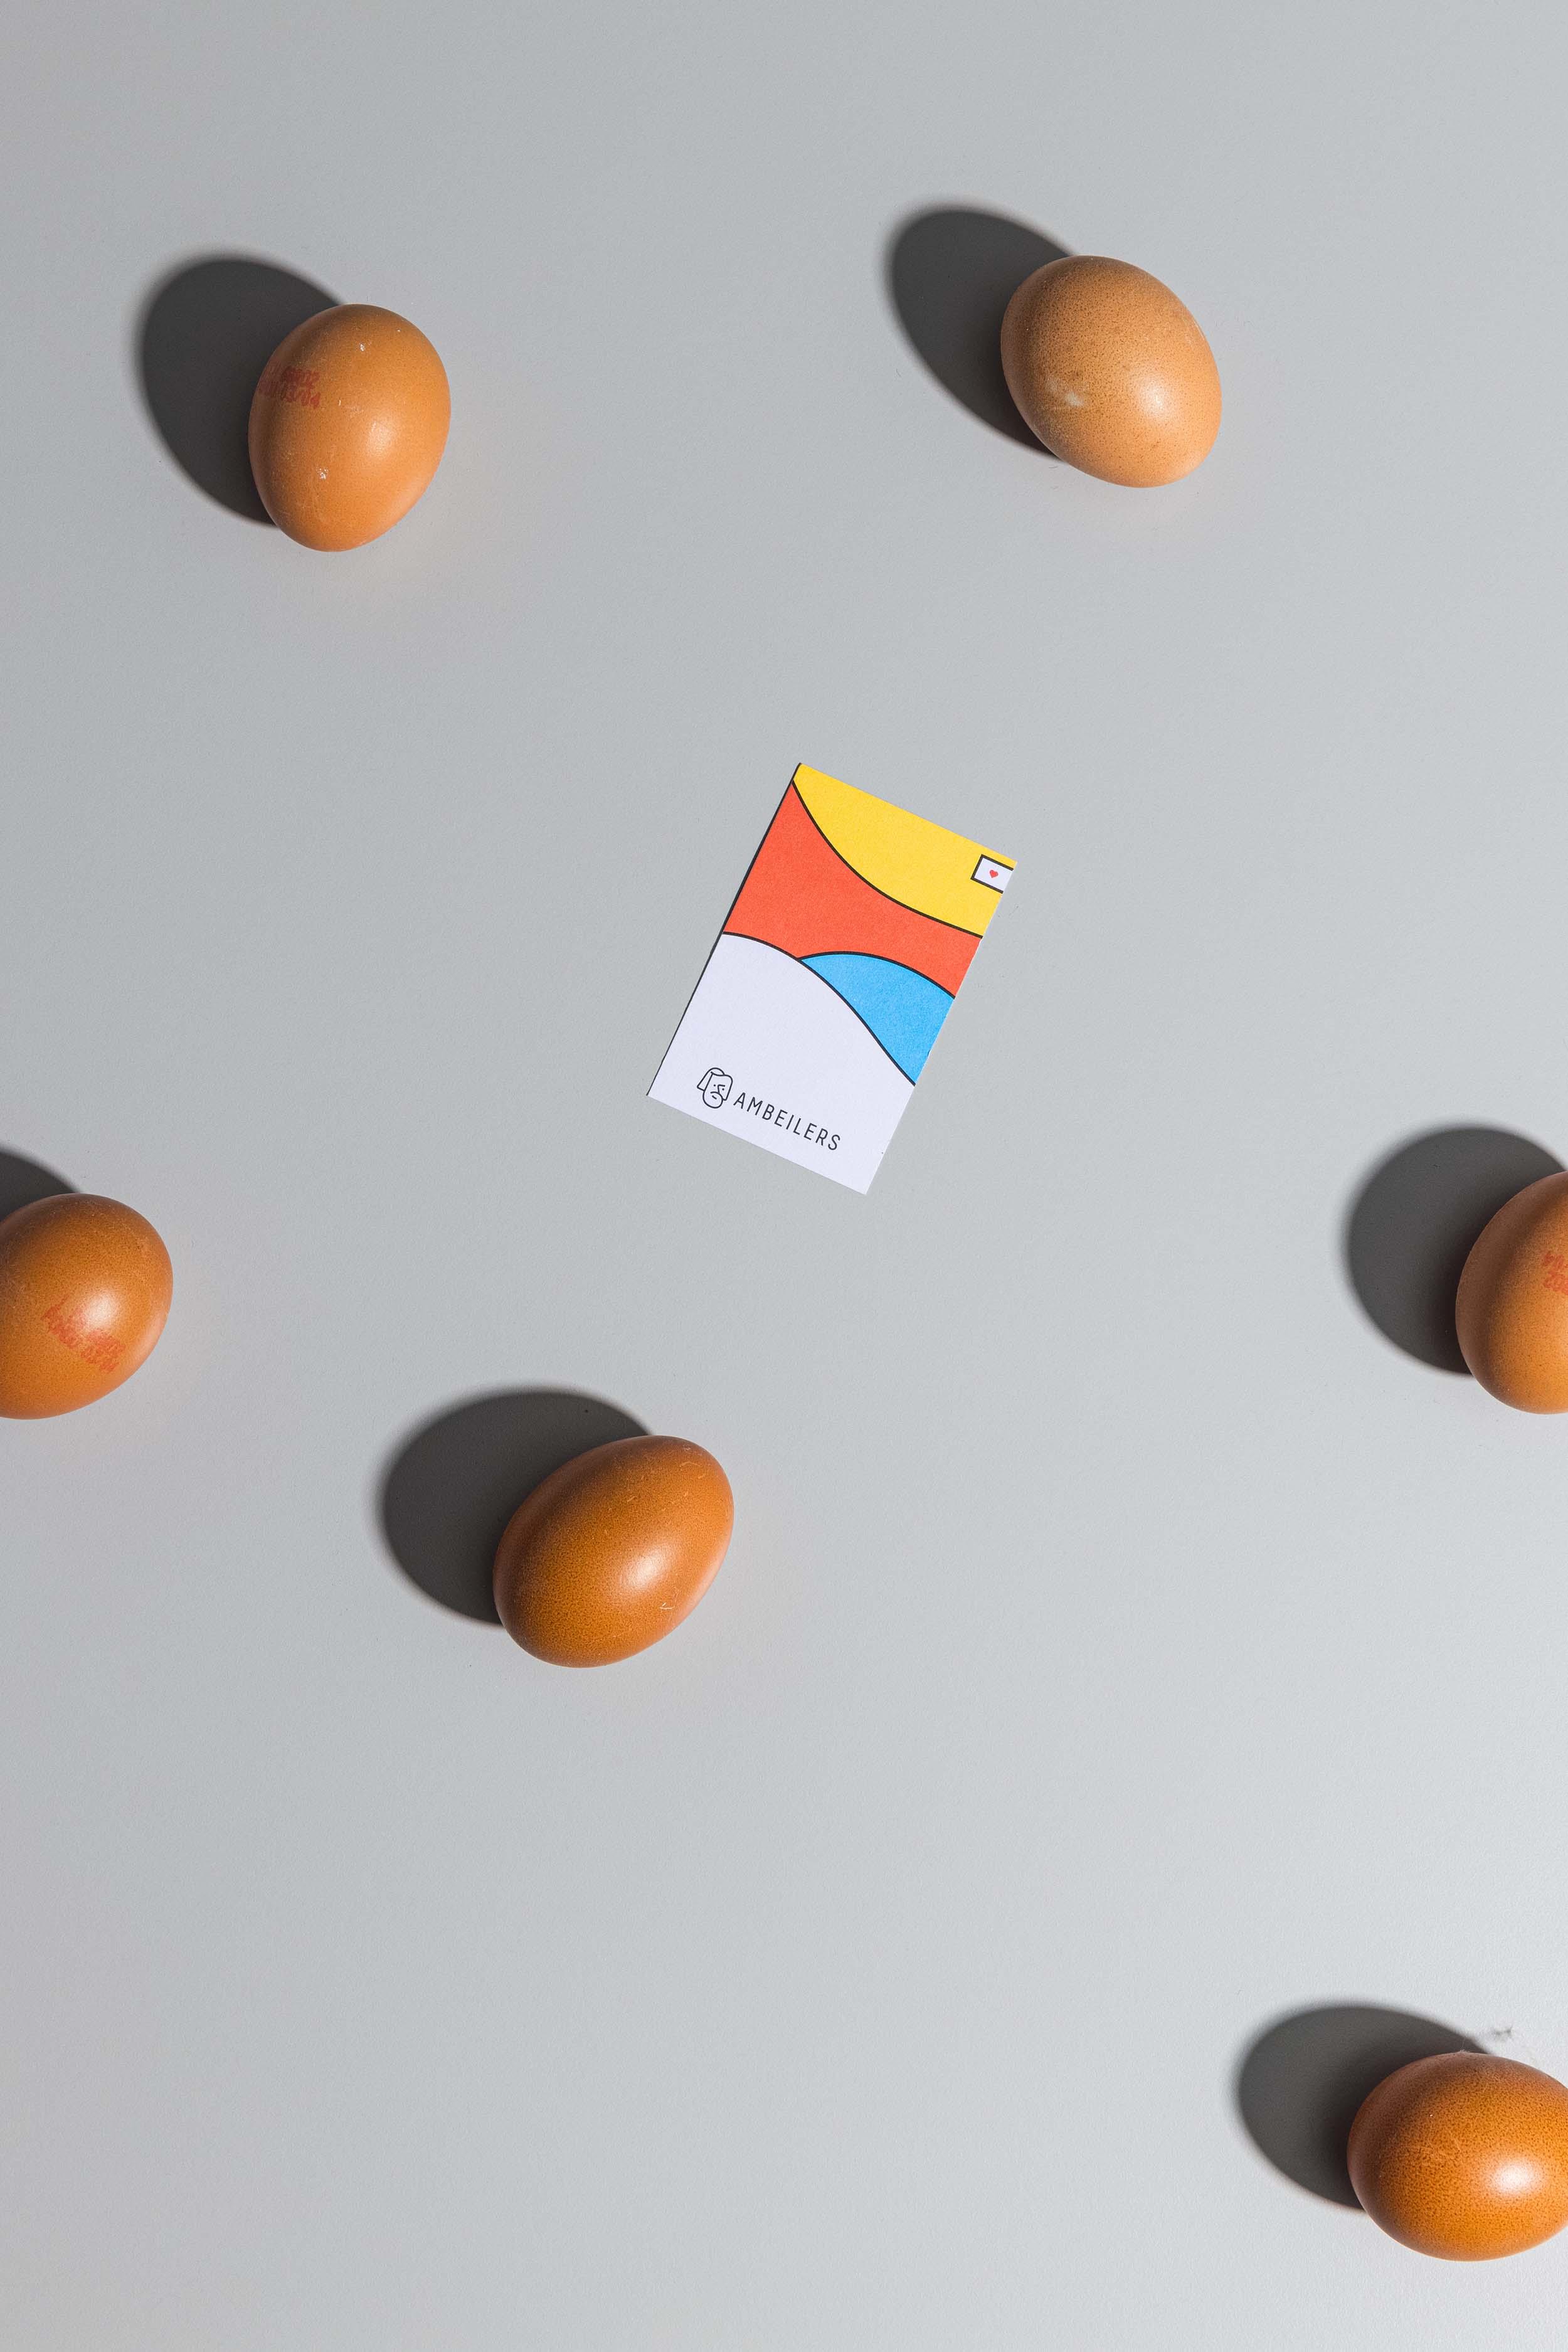 Sechs braune Eier und Vorderseite der Visitenkarte mit farbigem Visual und Logo für Ambeilers, liegend auf grauem Hintergrund